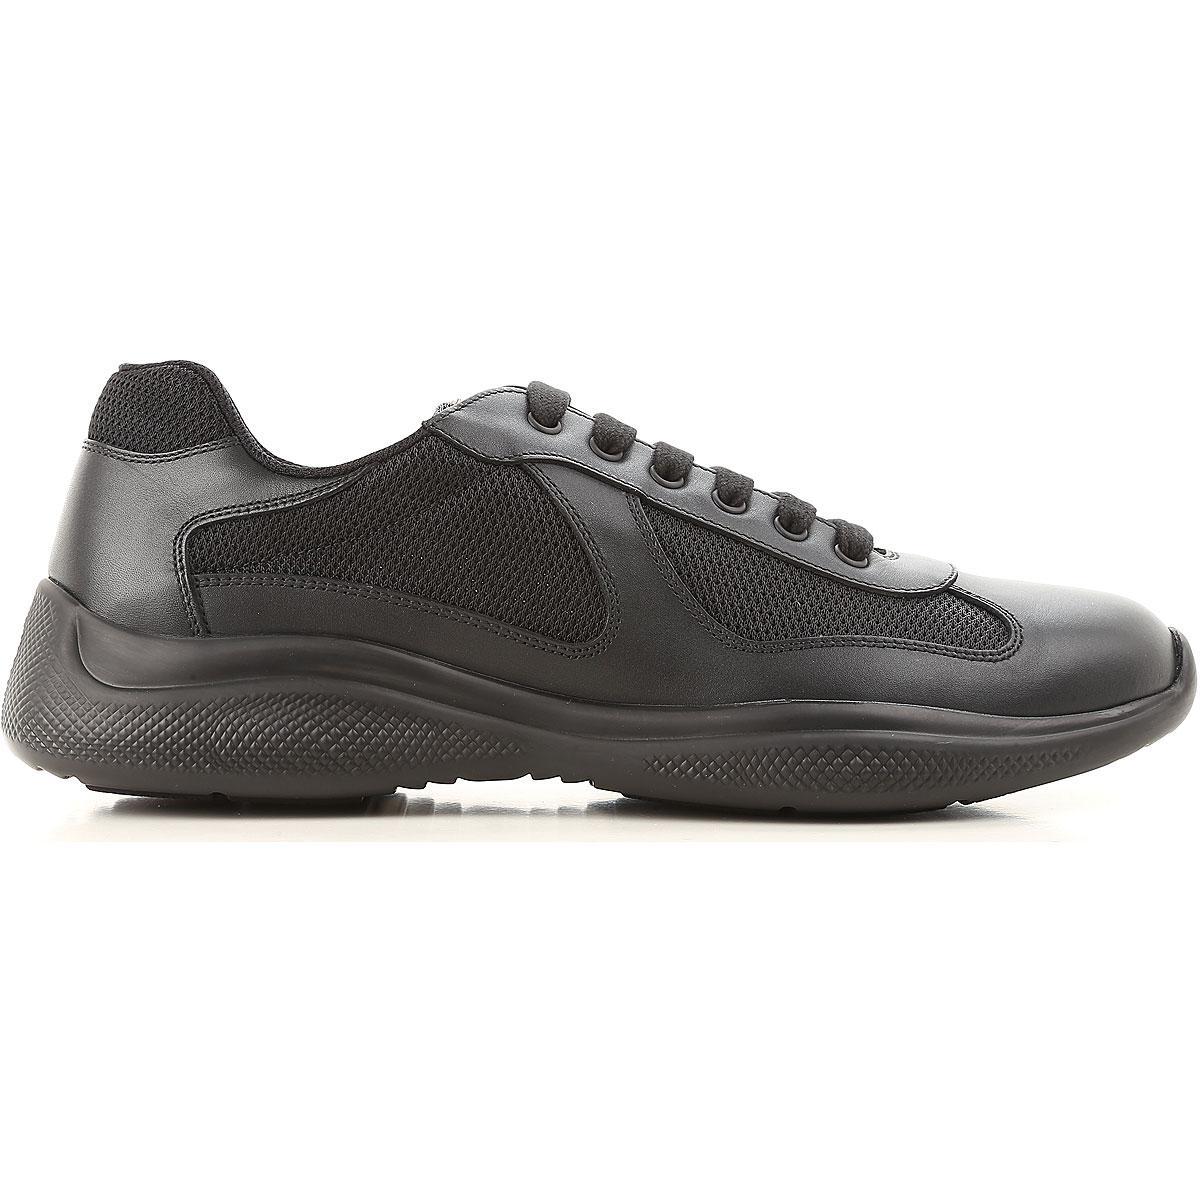 Sneaker Pour En Cher Soldes Homme Pas Prada Coloris Noir j5R4AL